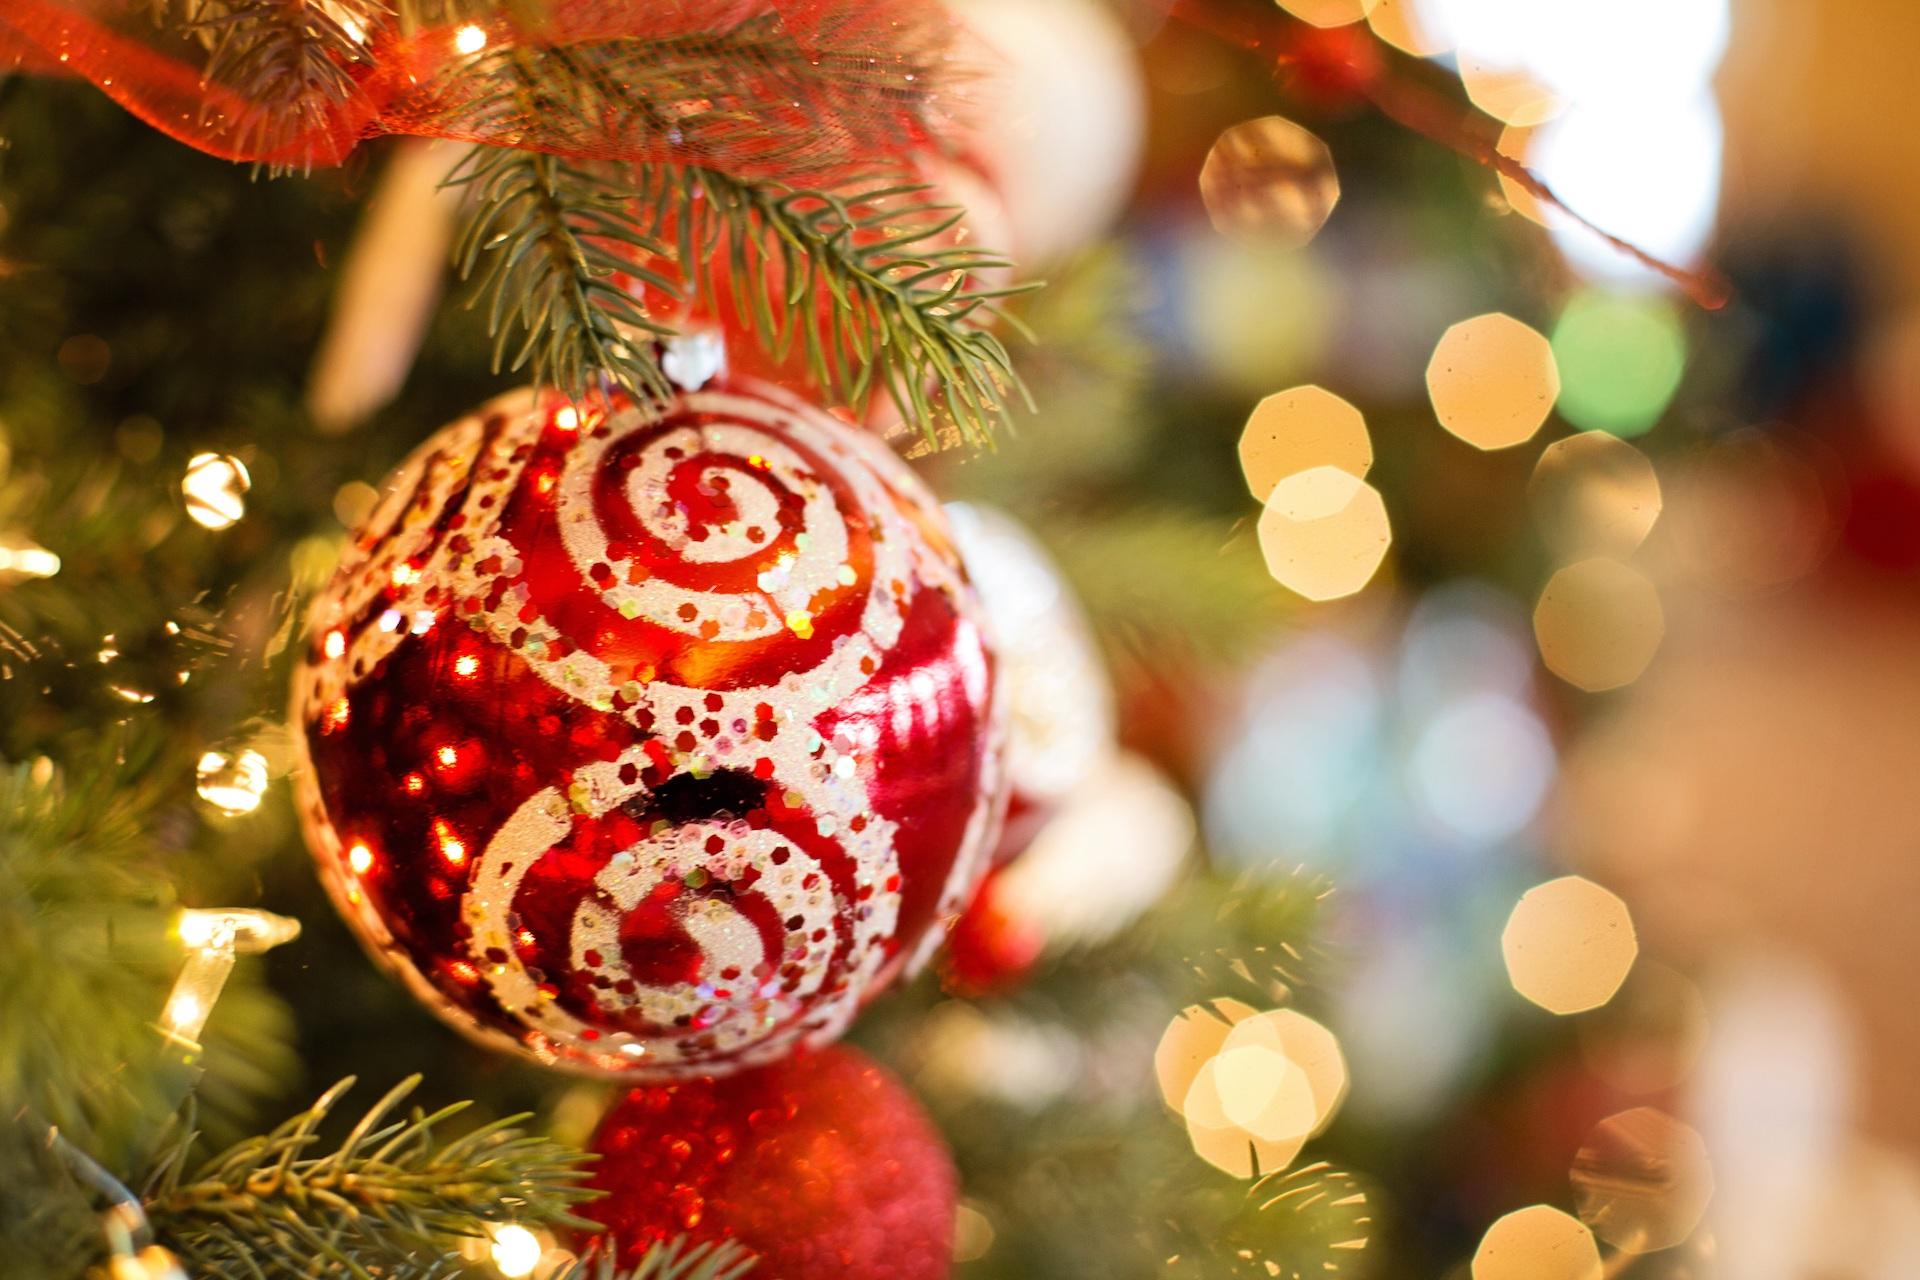 Spectaculair dineren tijdens de kerstdagen